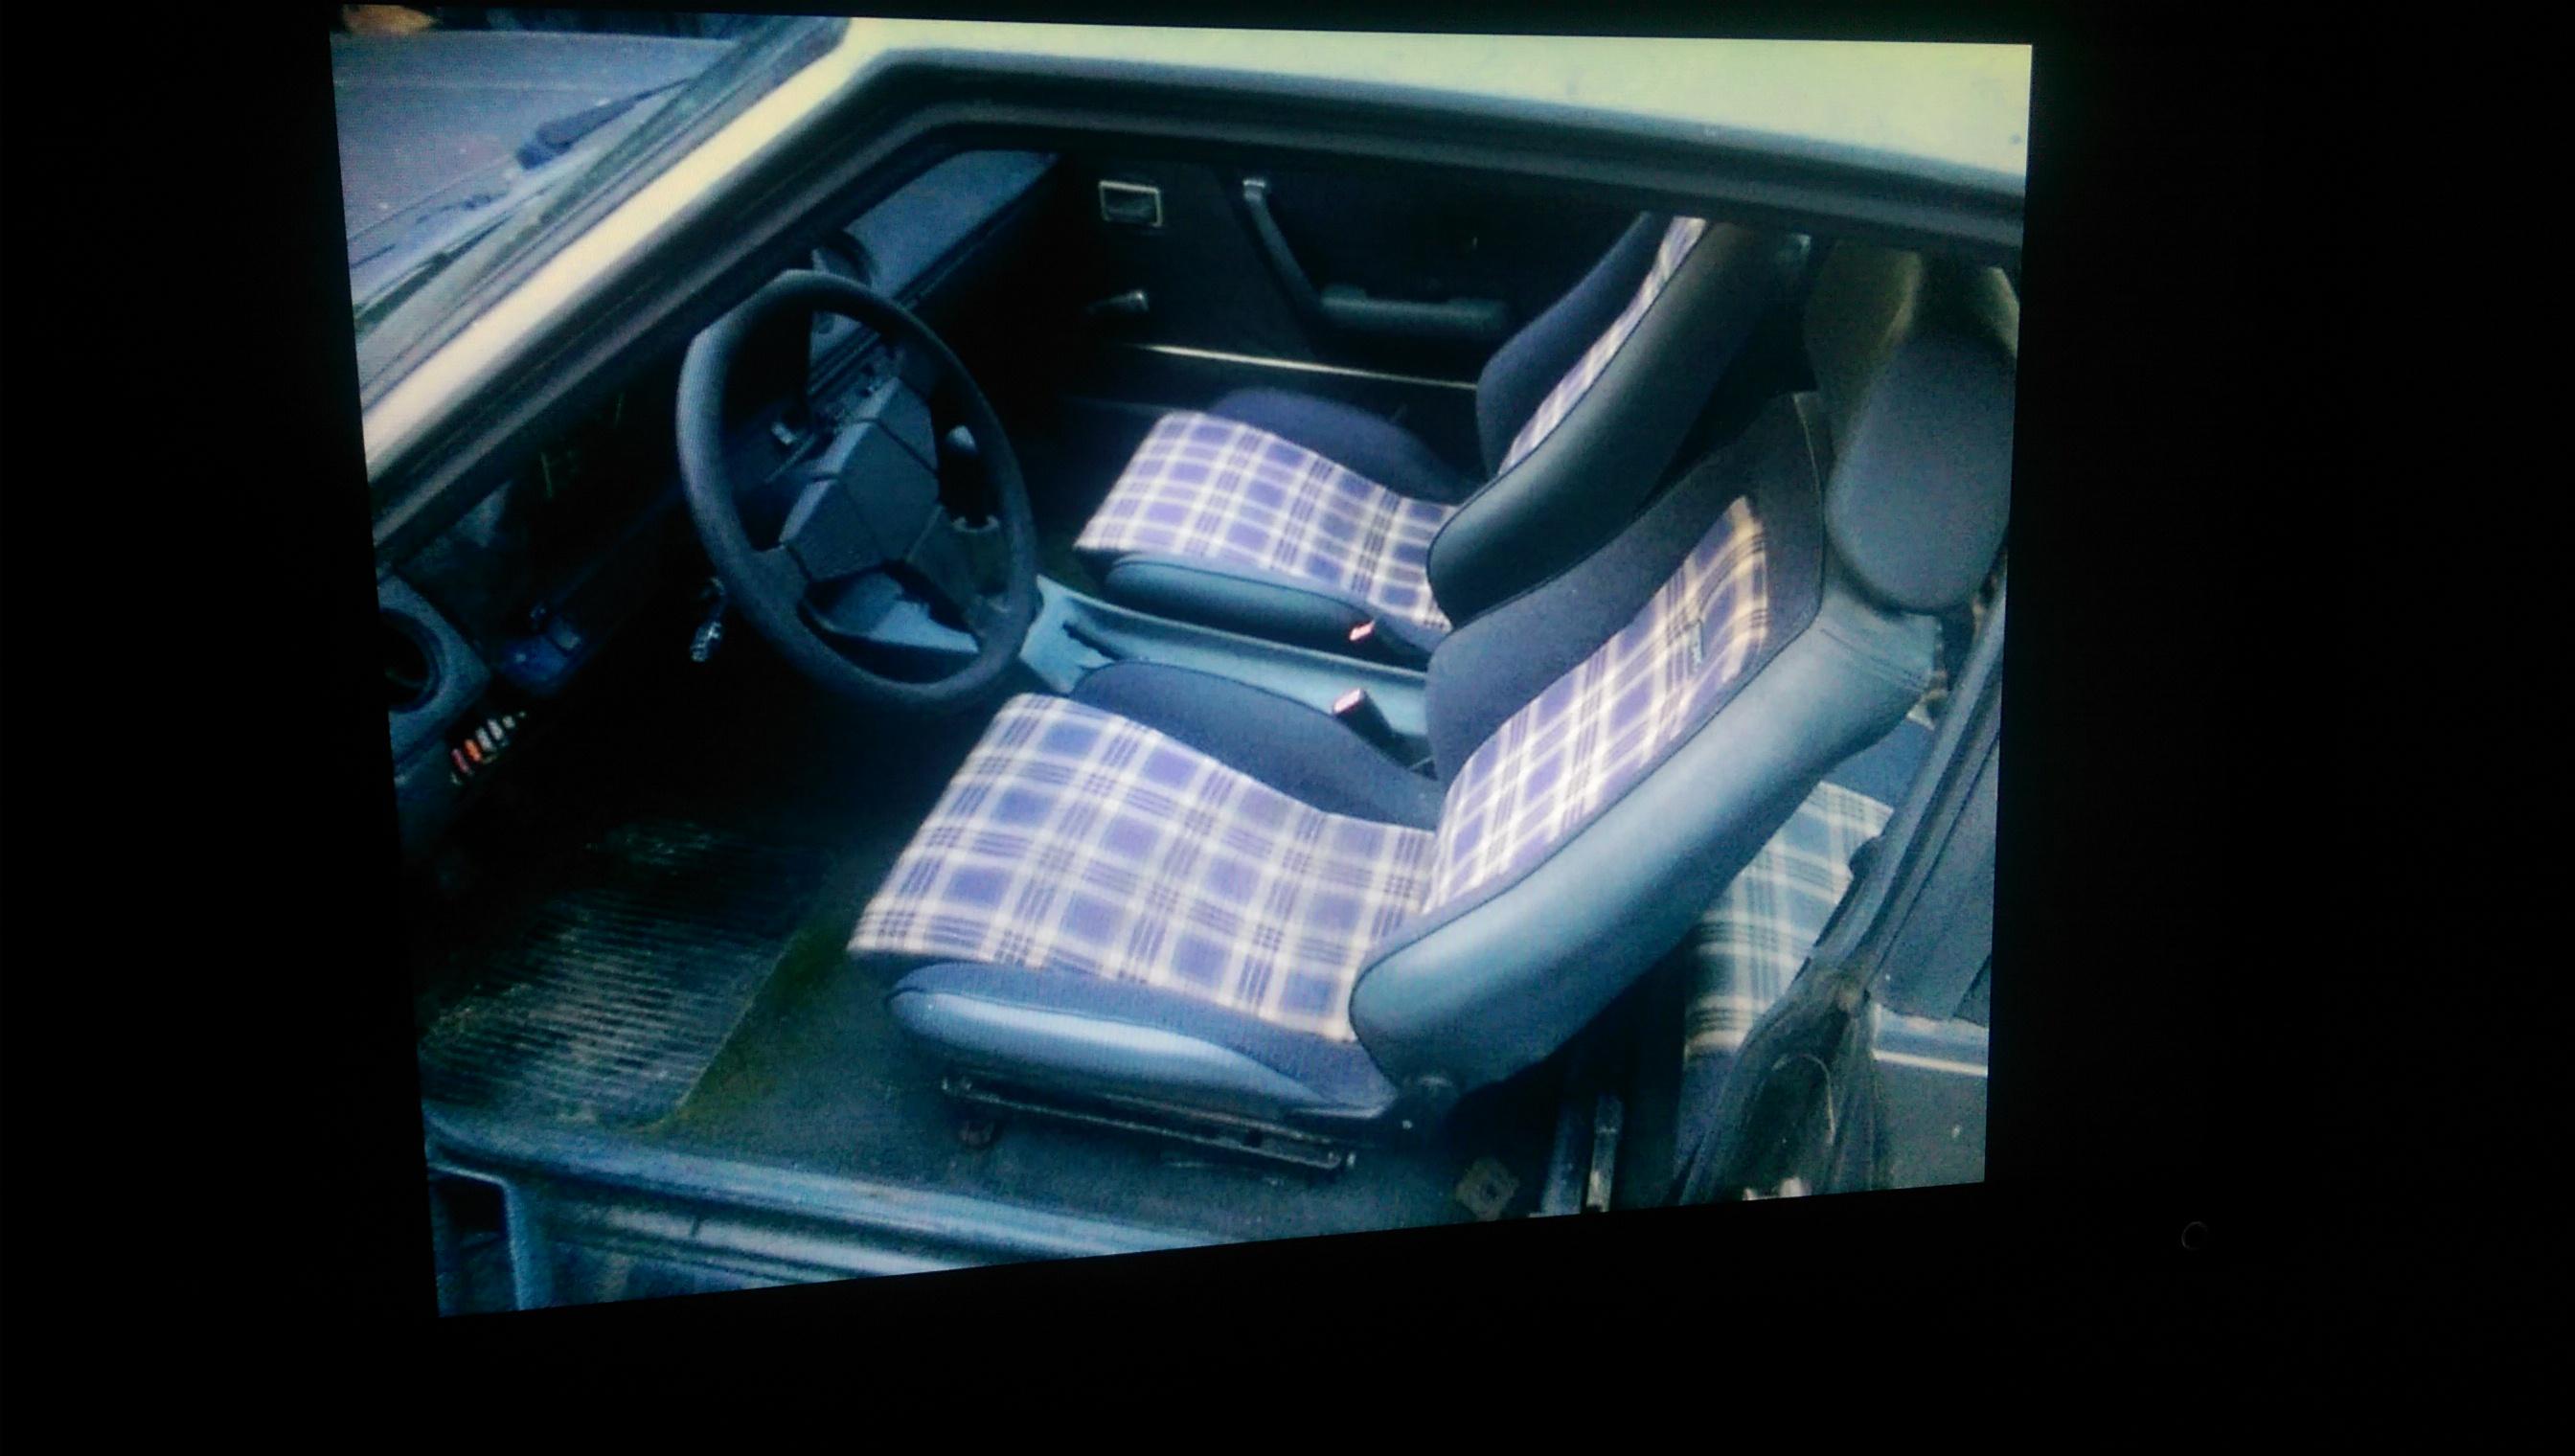 Ein neues Auto muss her Imag0433zpjjb